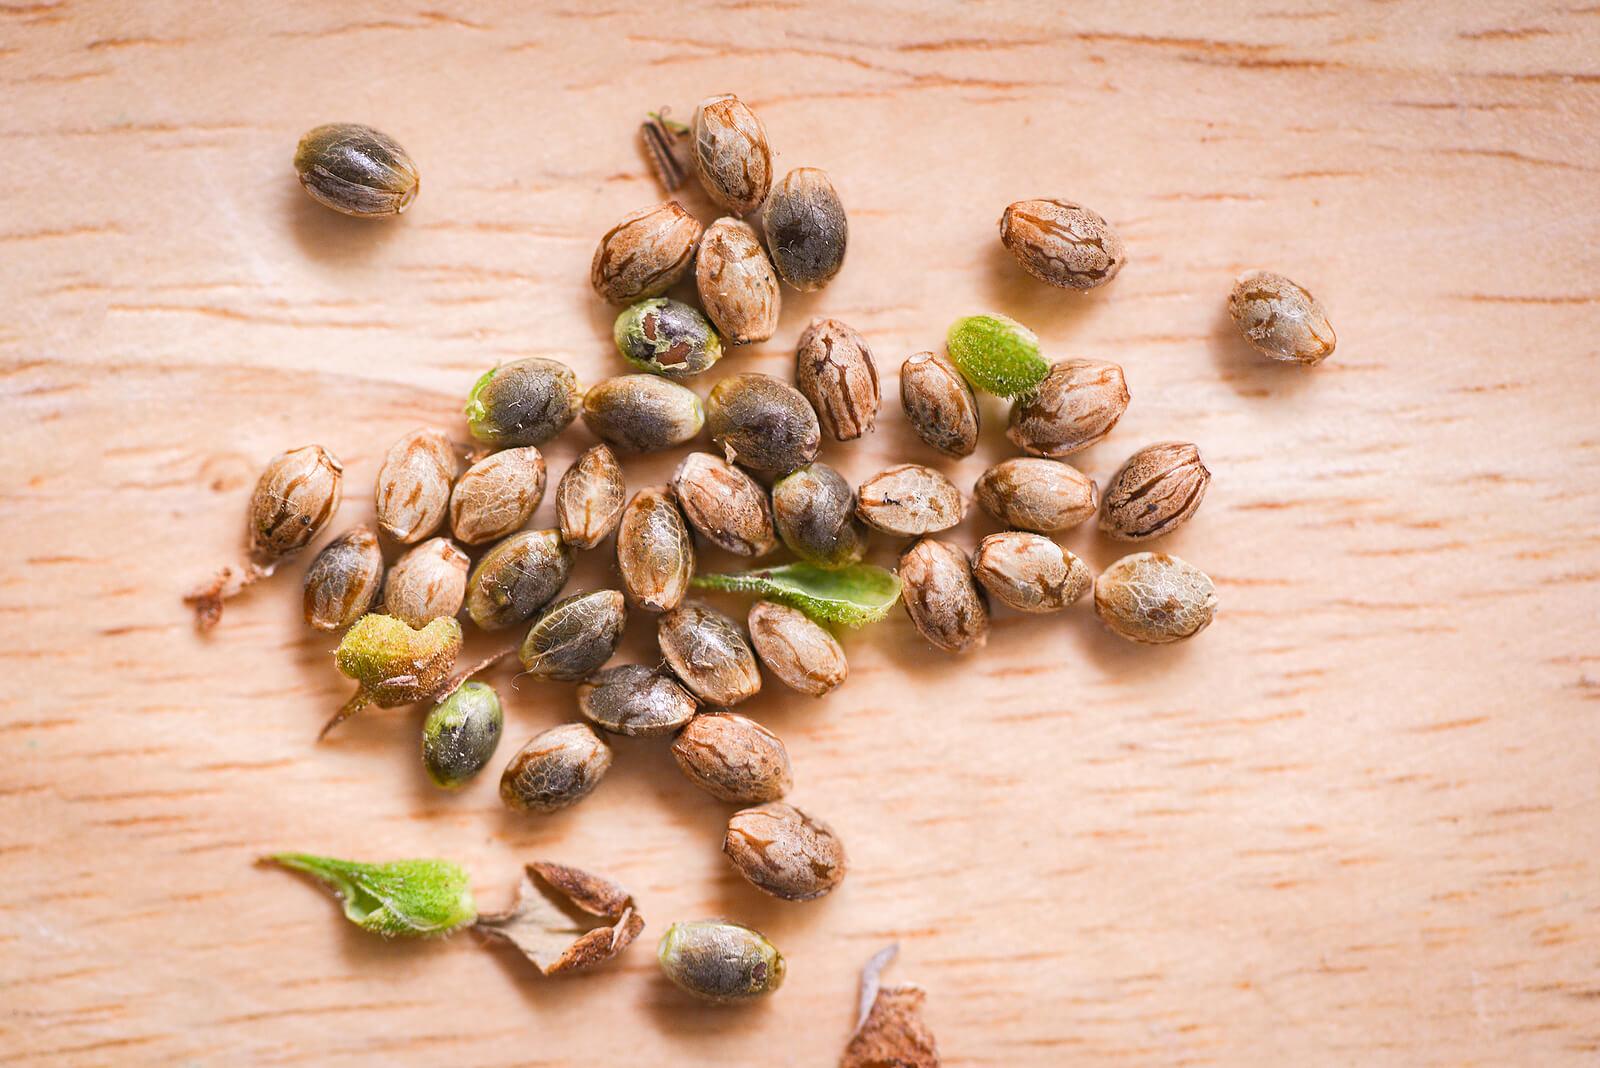 Buy Marijuana Seeds In Camp Verde